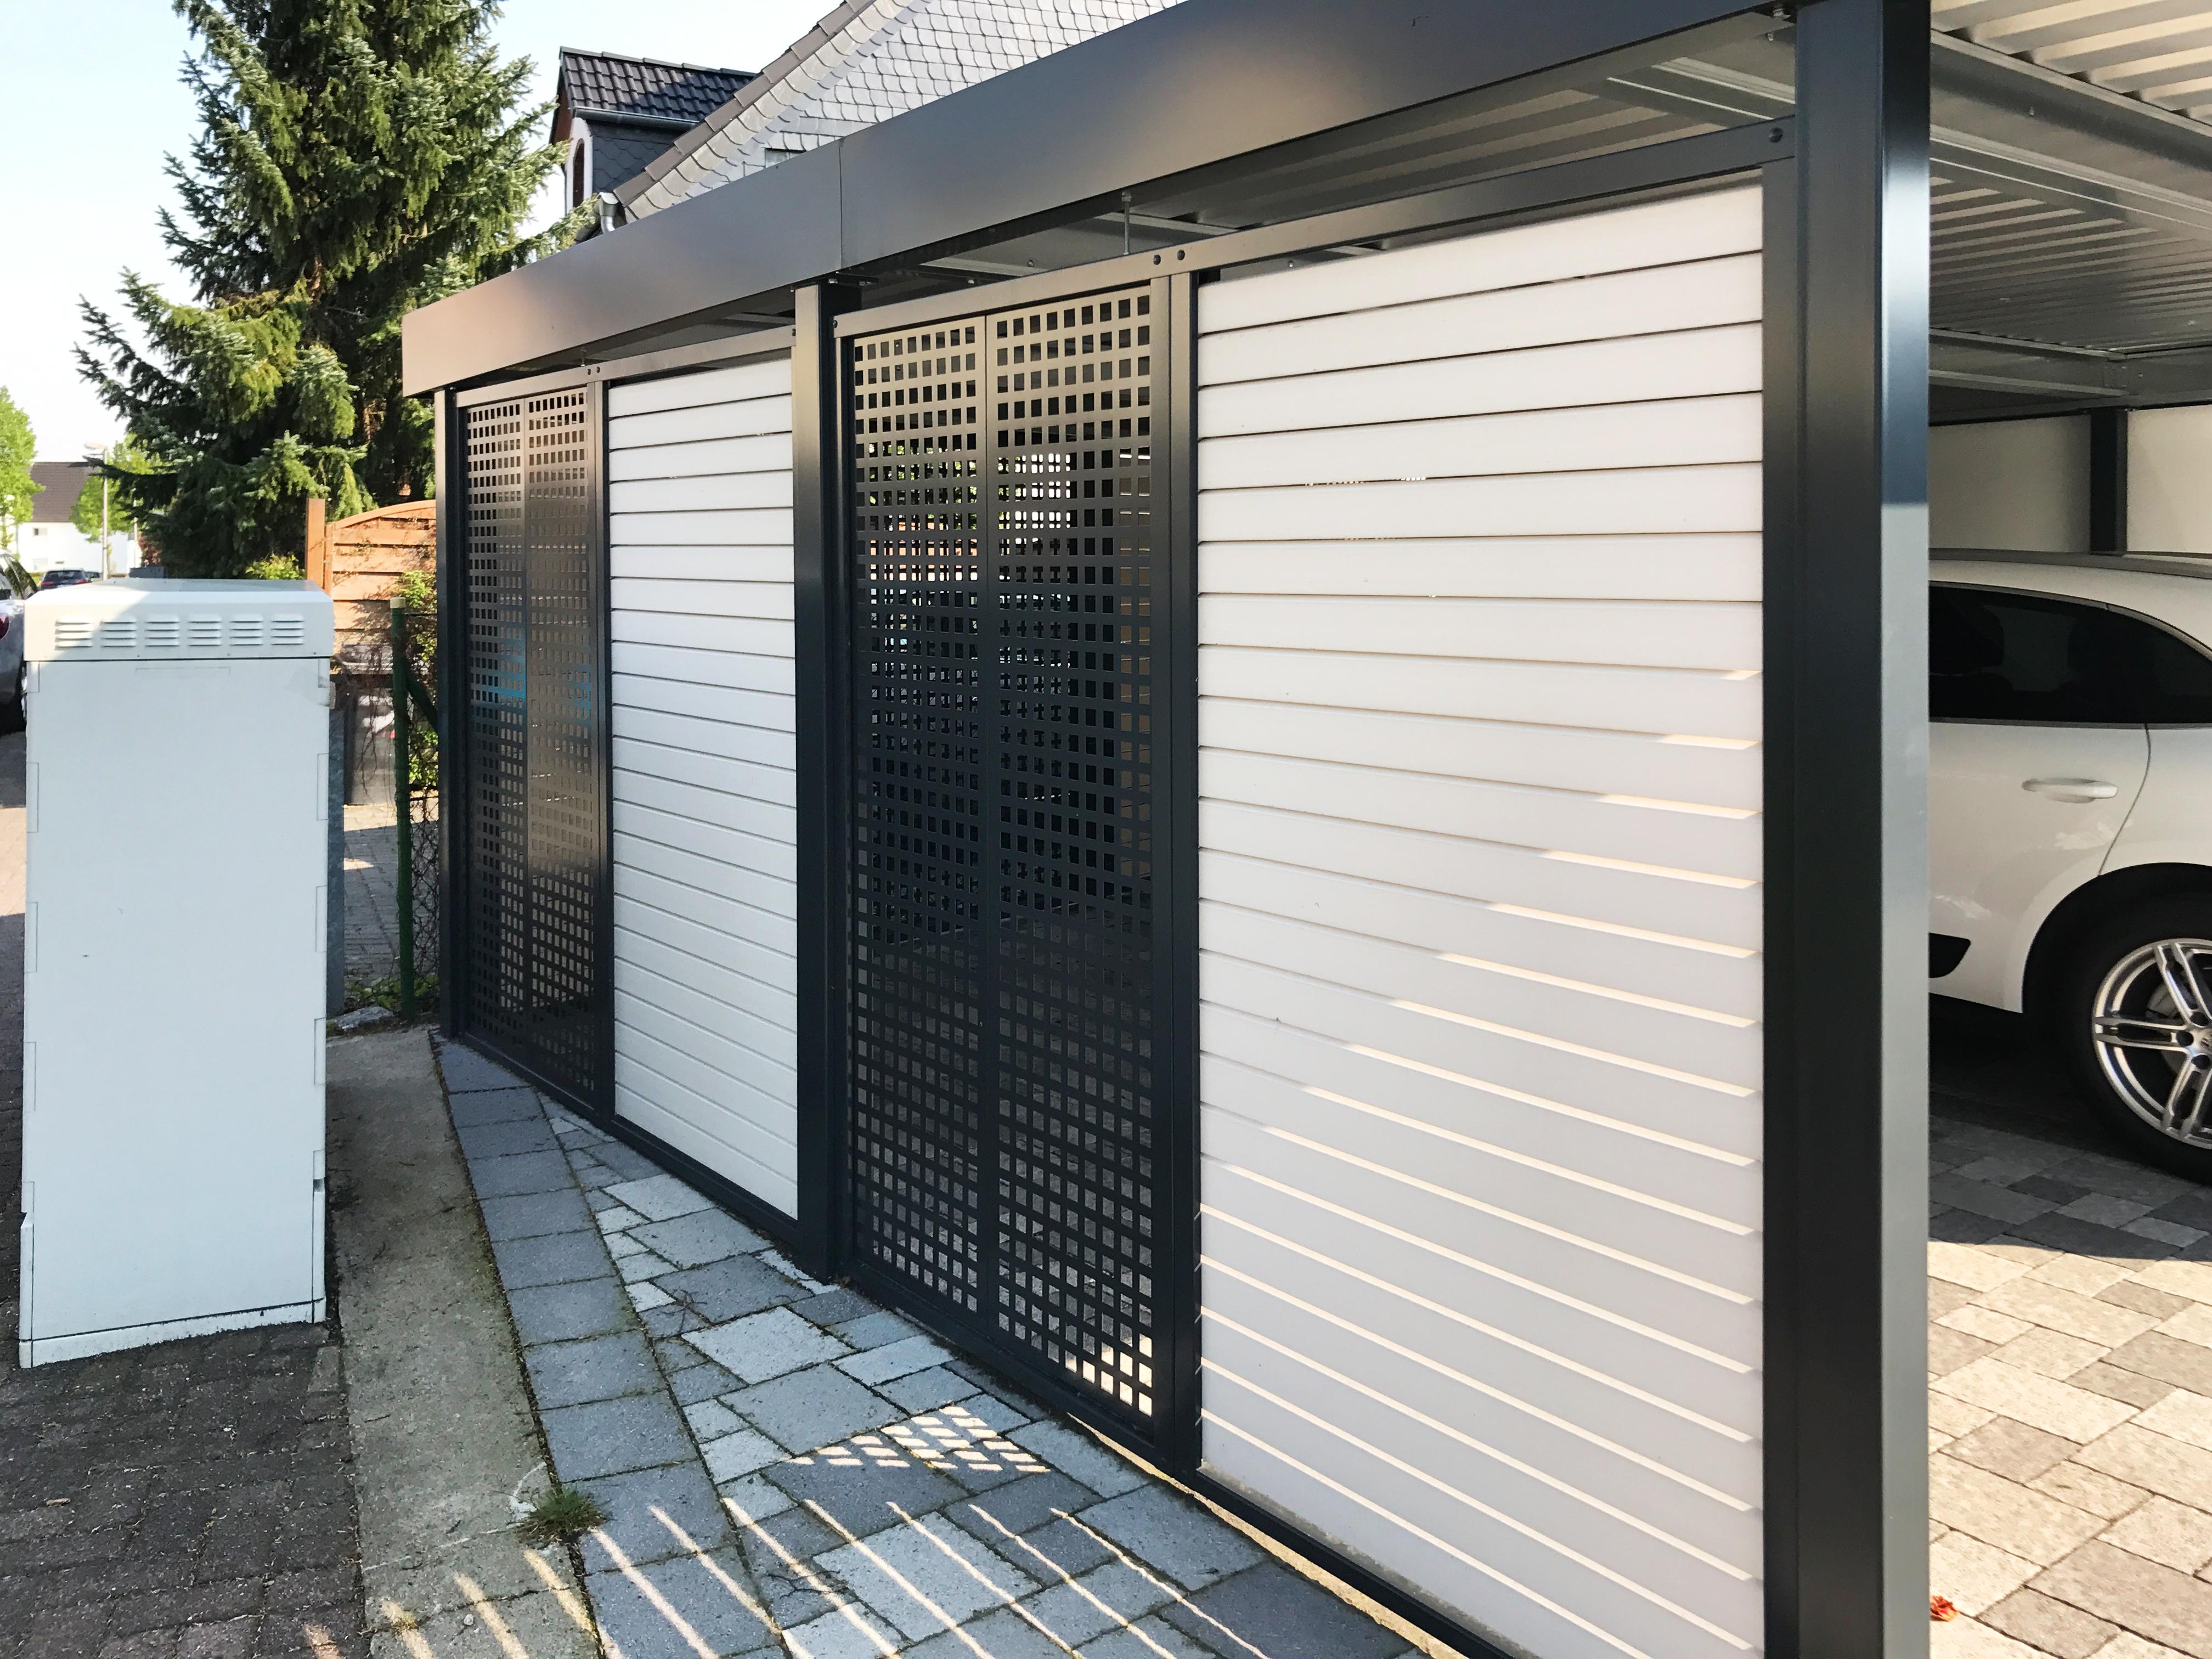 Wandverkleidung Garage : Carport wandelemente carceffo moderne carports garagen